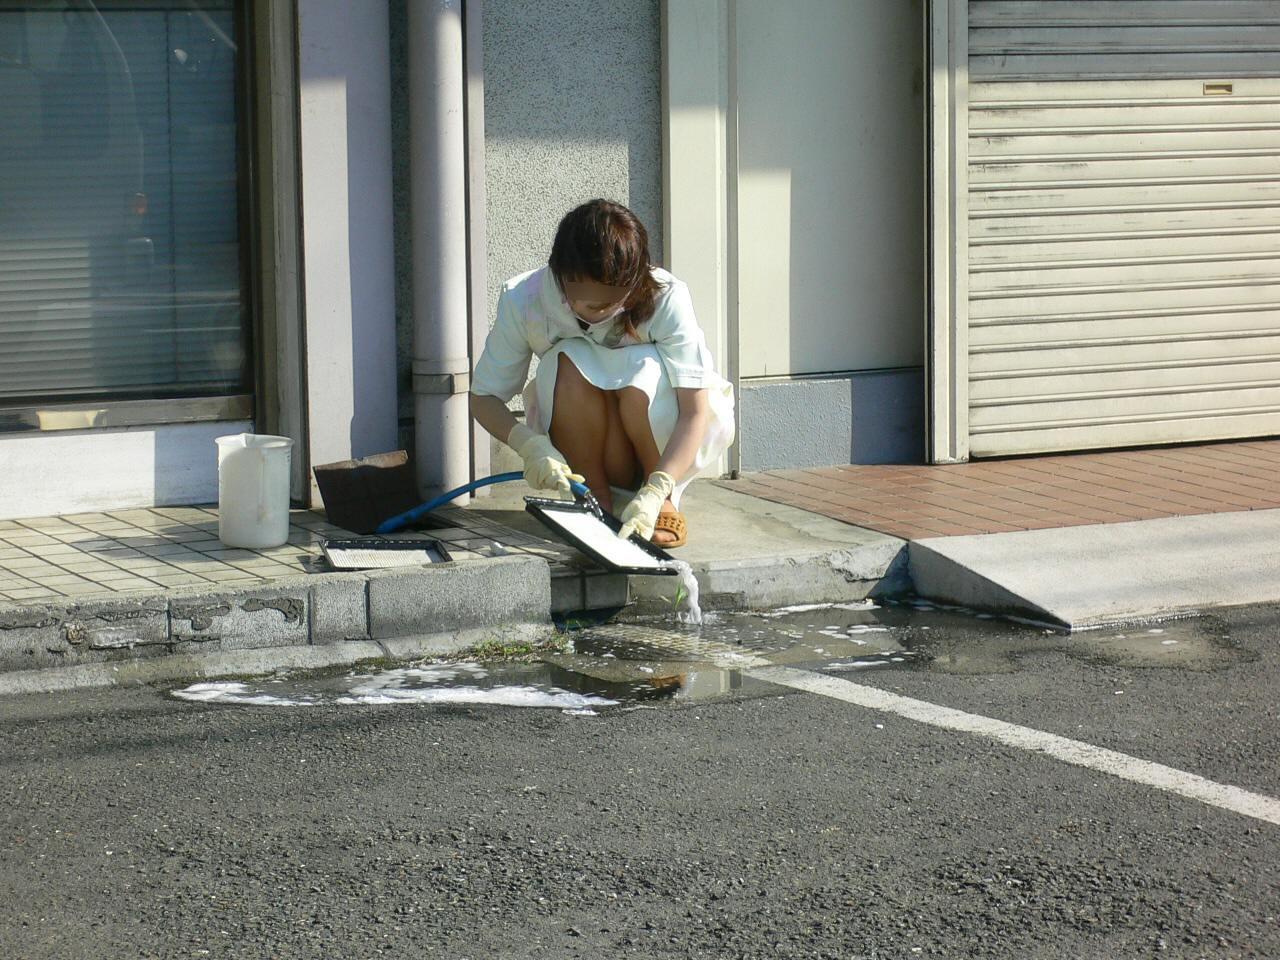 【OLパンチラエロ画像】仕事納めの日はパンチラチャンスで溢れてるぞ!お掃除でしゃがみ込んだOLさんの股間が眩しいwww その5